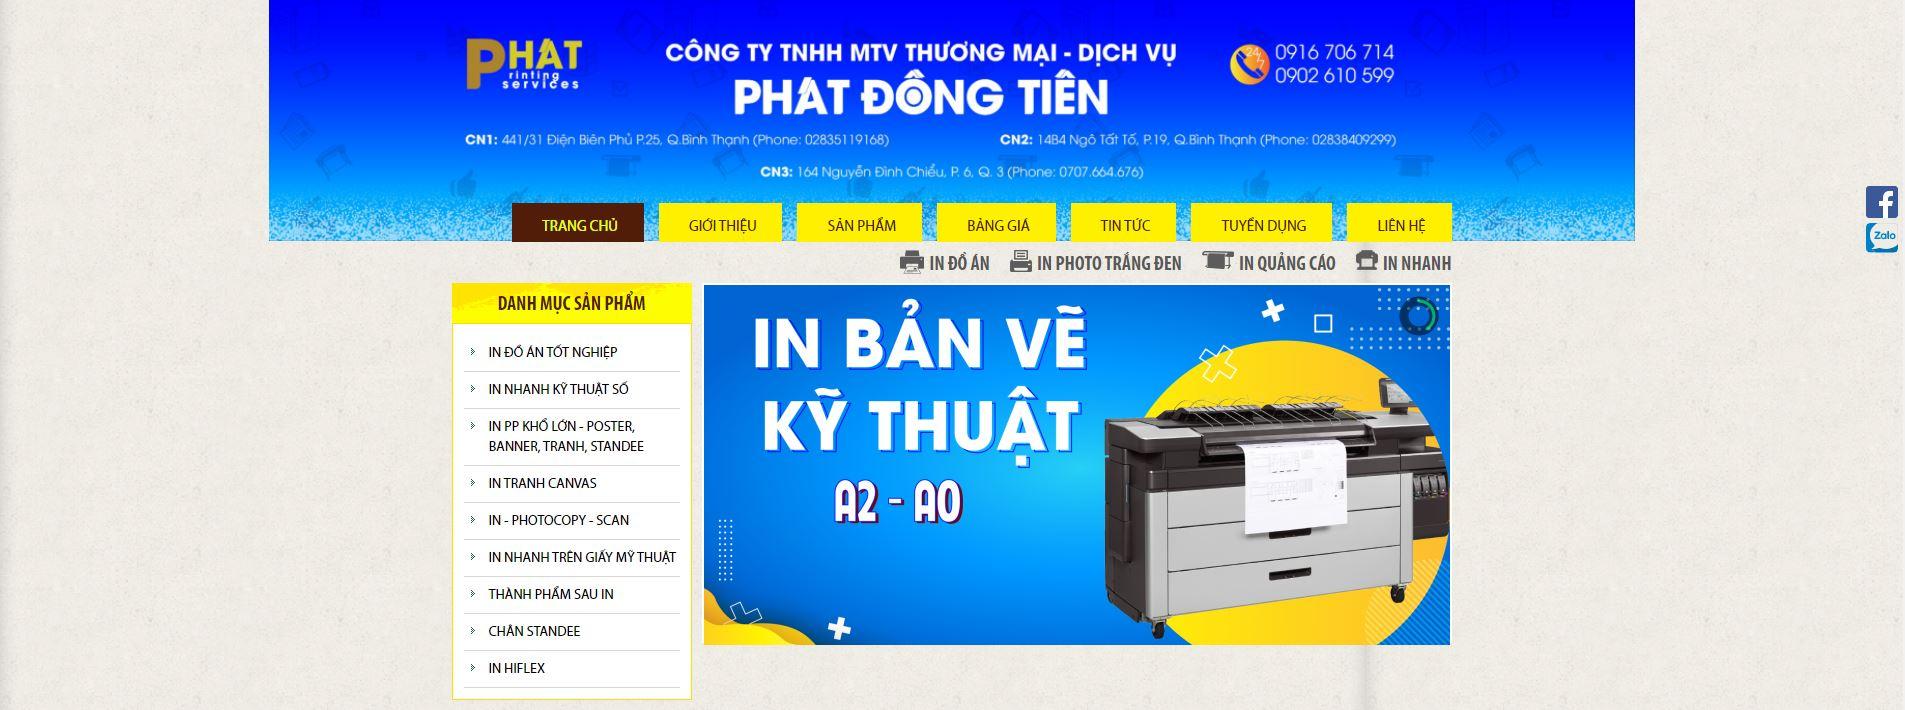 Tiệm in Phát